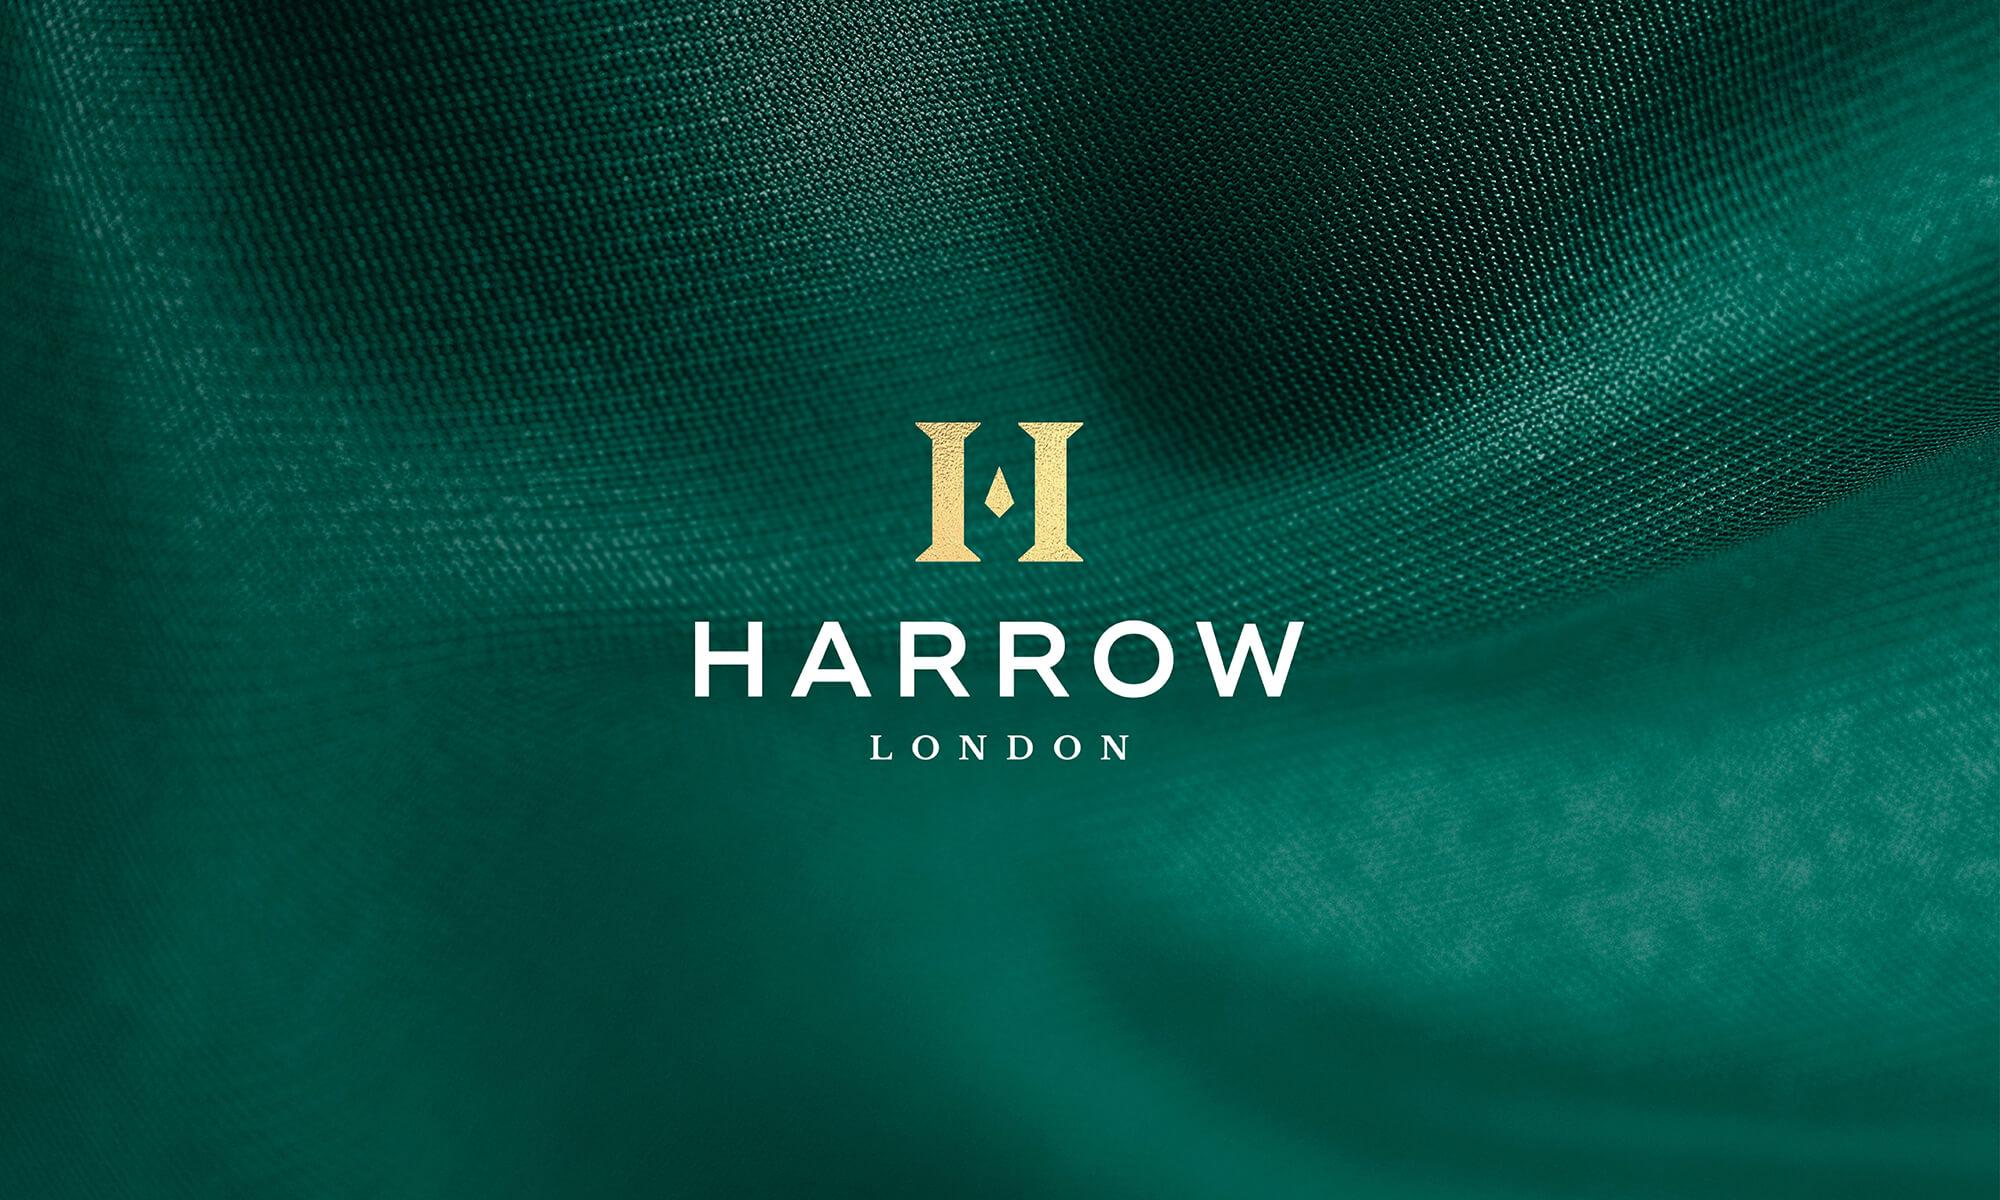 男装品牌Harrow视觉形象设计